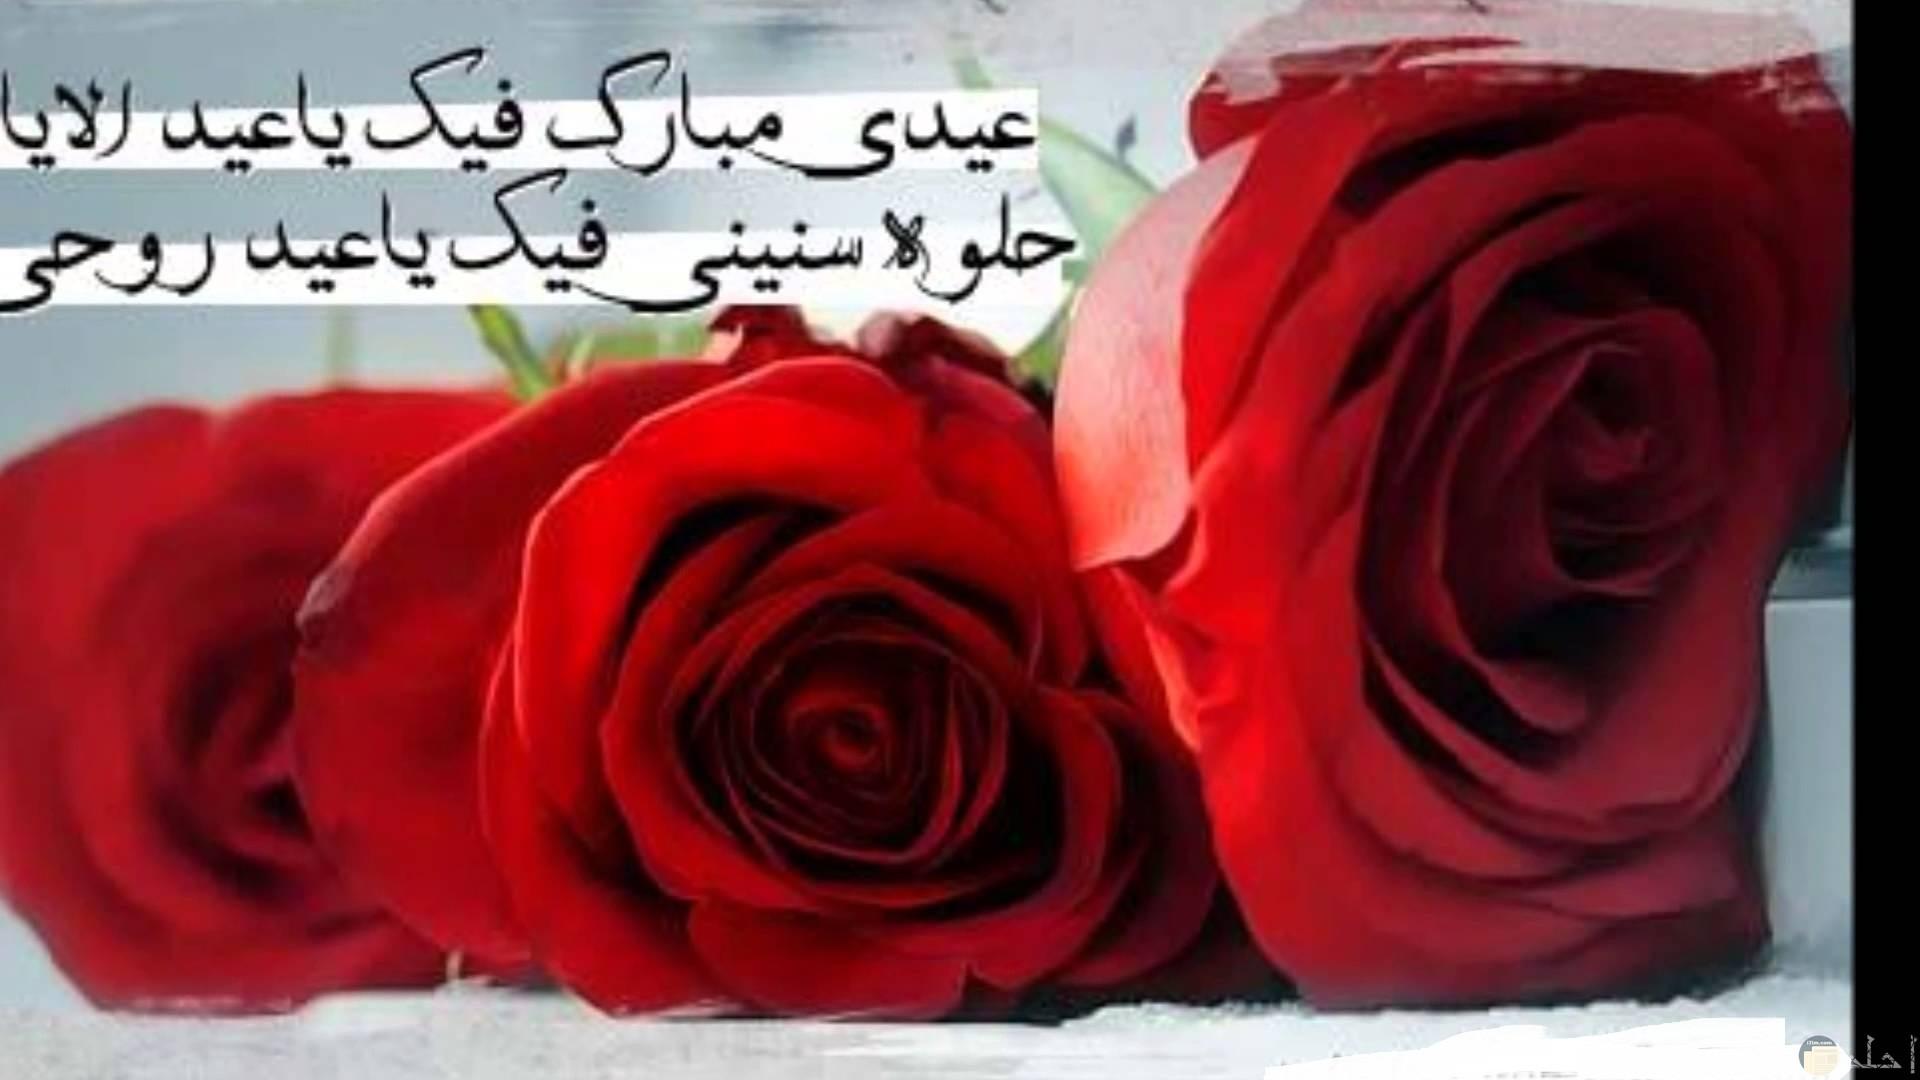 صورة لعيد الزواج و الورود.